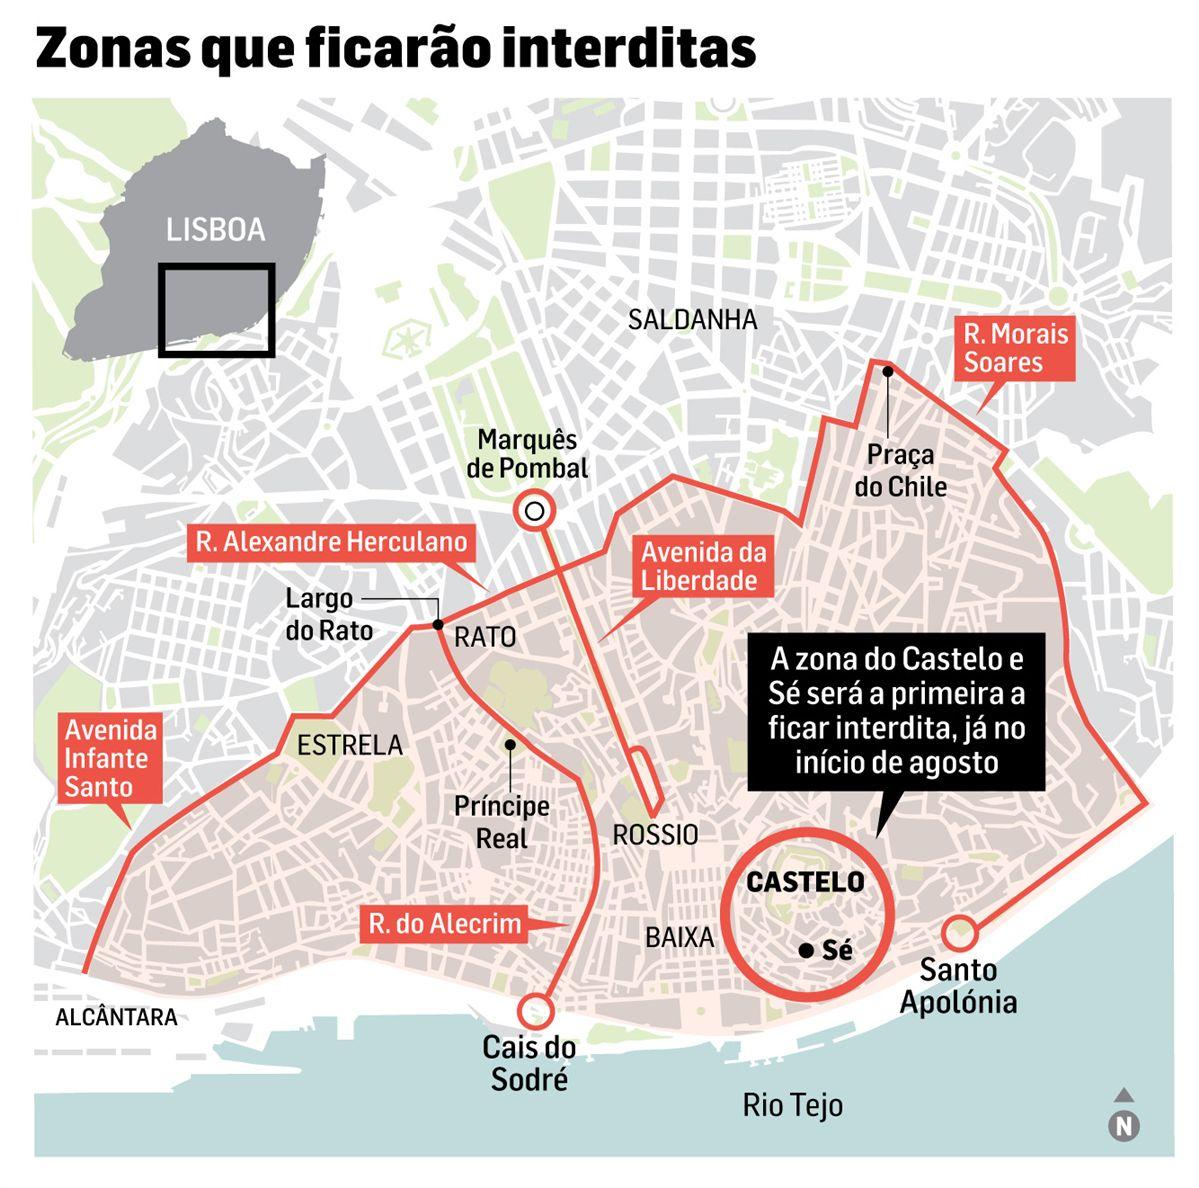 zonas de lisboa interditas a carros antigos mapa Câmara vai vedar coração de Lisboa a autocarros turísticos ocasionais zonas de lisboa interditas a carros antigos mapa